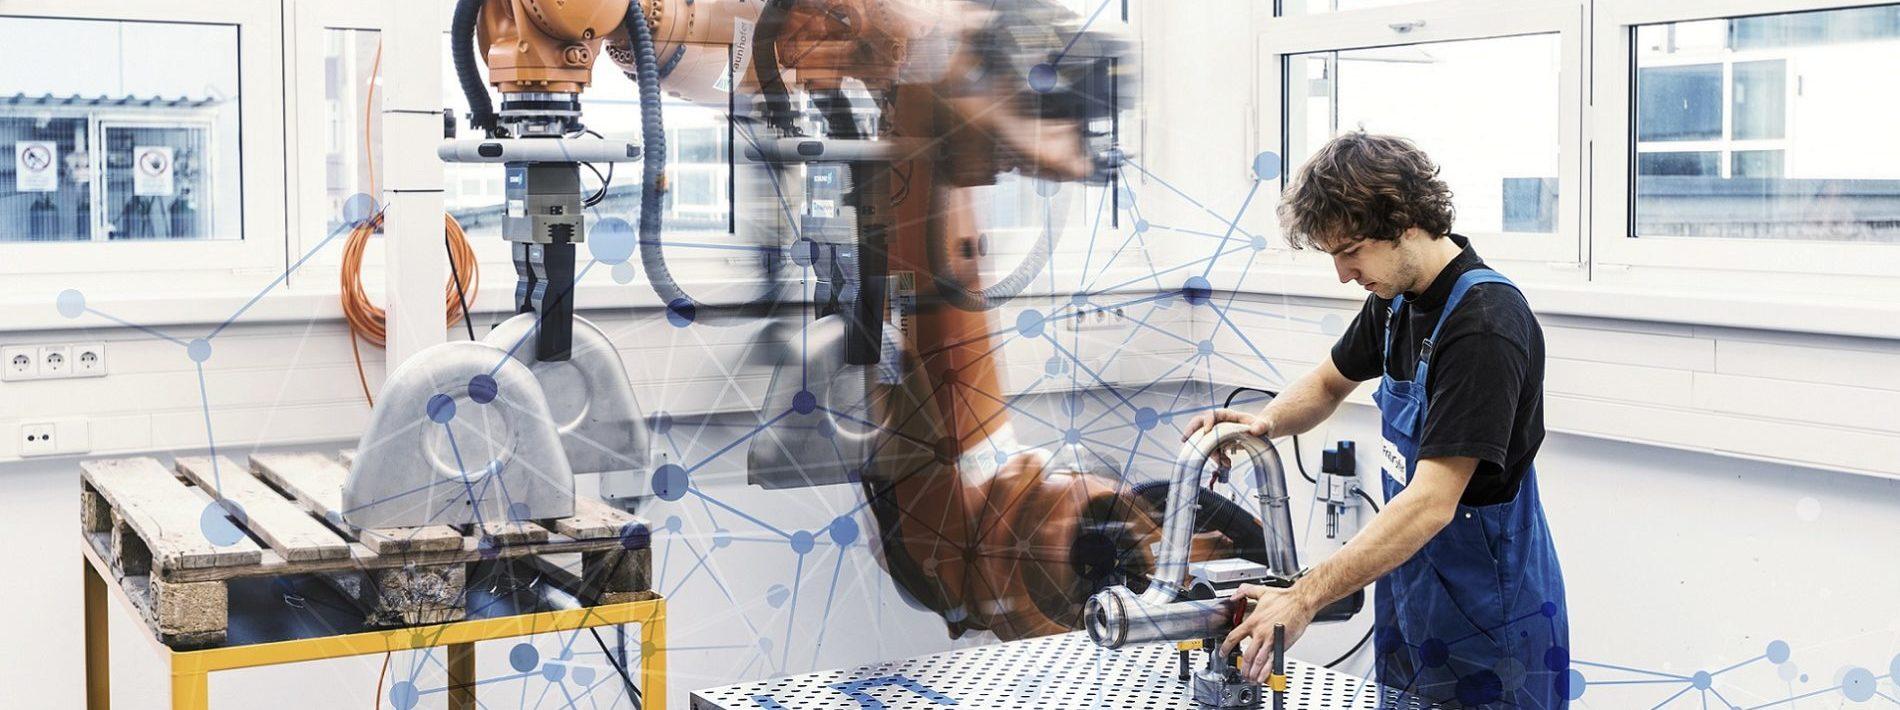 Cyberphysische Systeme bzw. das Internet der Dinge gelten als ein Schlüsselkonzept für eingebettete und mechatronische Systeme der Zukunft.